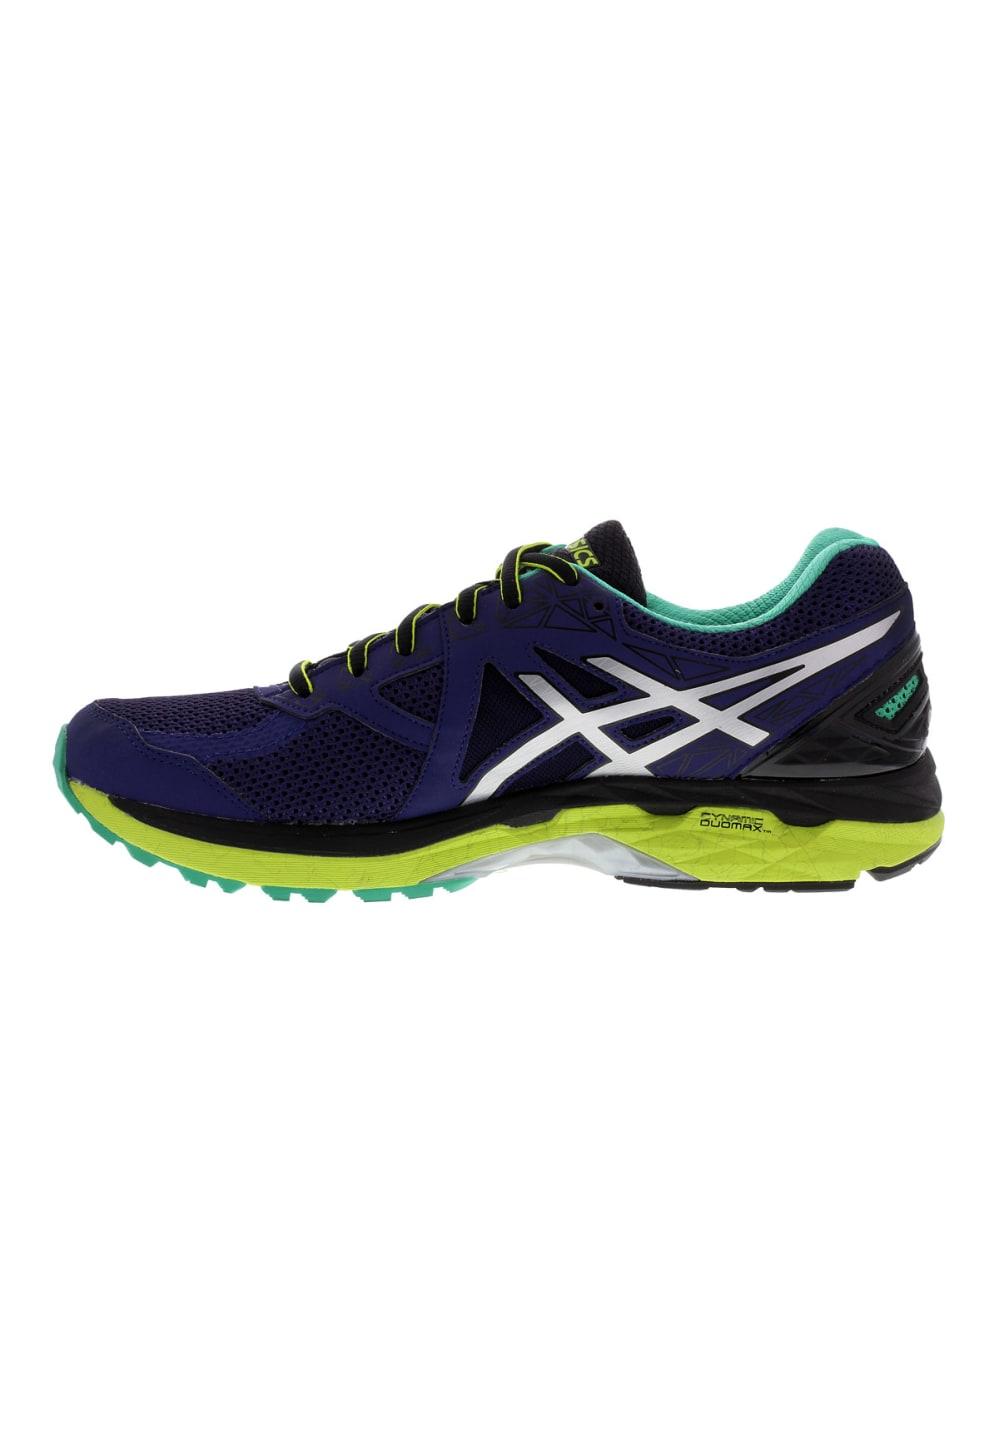 G Chaussures Gt 2000 Tx Running 4 Homme Pour Bleu Asics 6Yybf7g